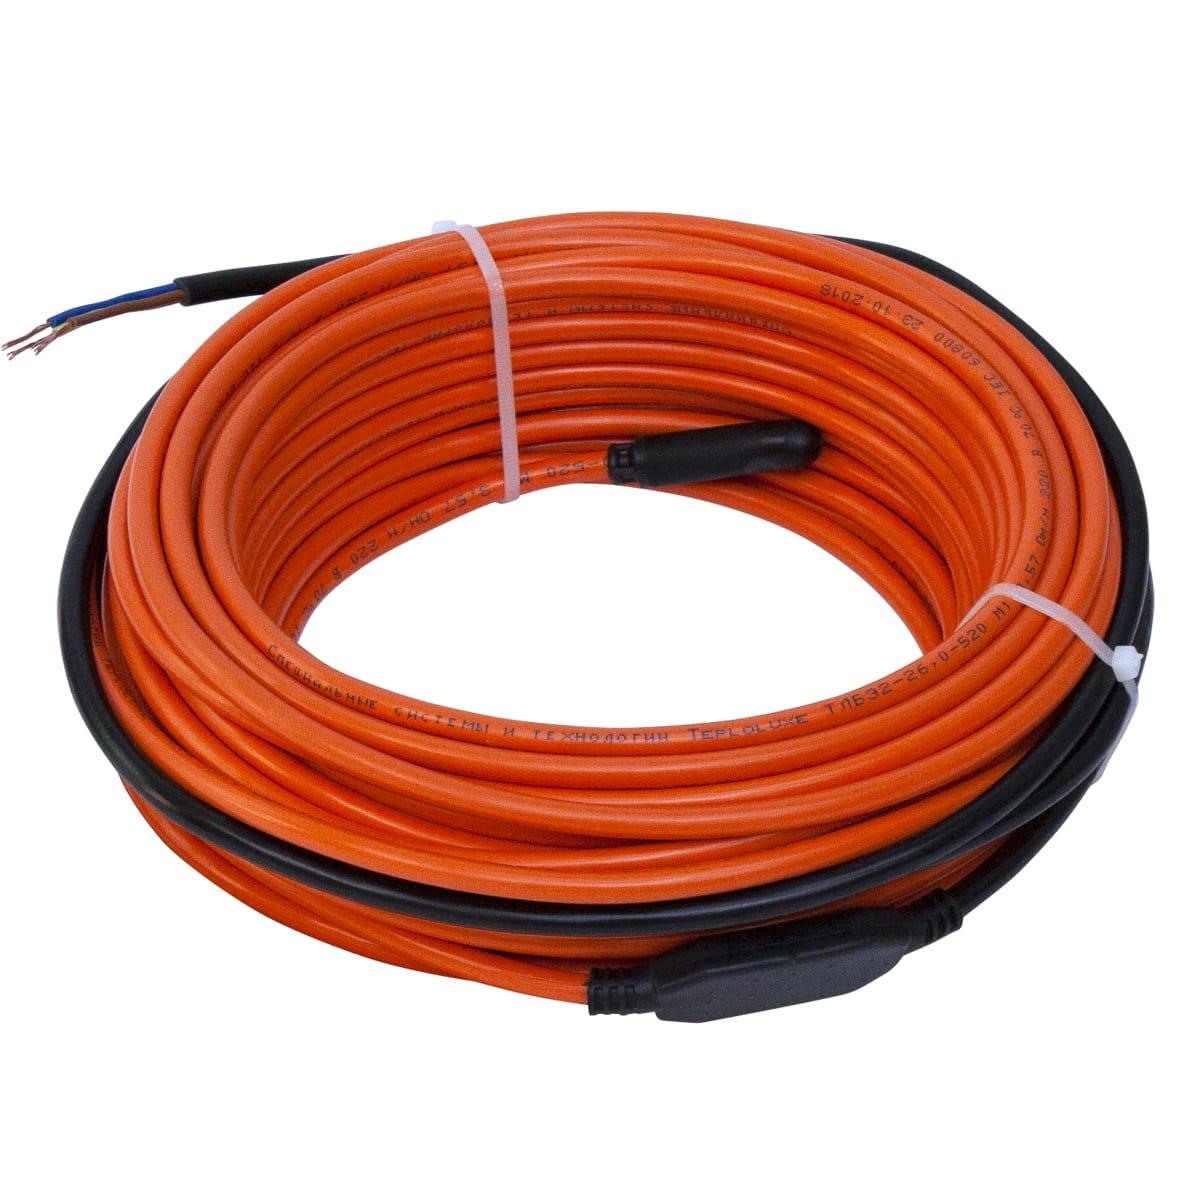 Нагревательный кабель для тёплого пола Теплолюкс 13 м, 190 Вт